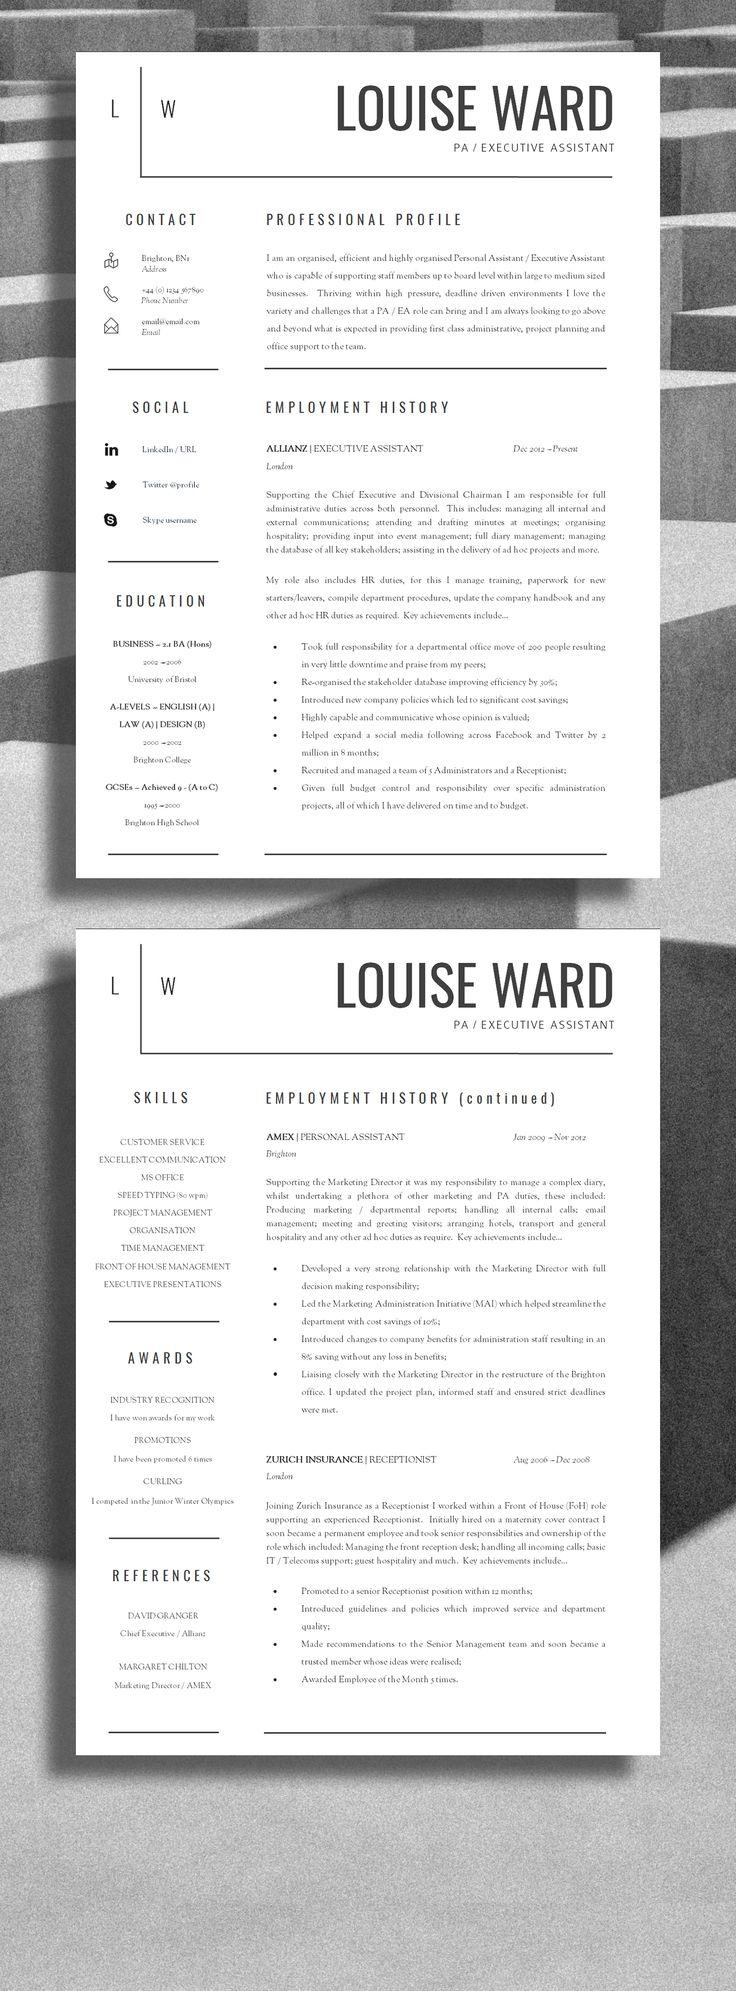 Professional Resume Design Professional CV Design